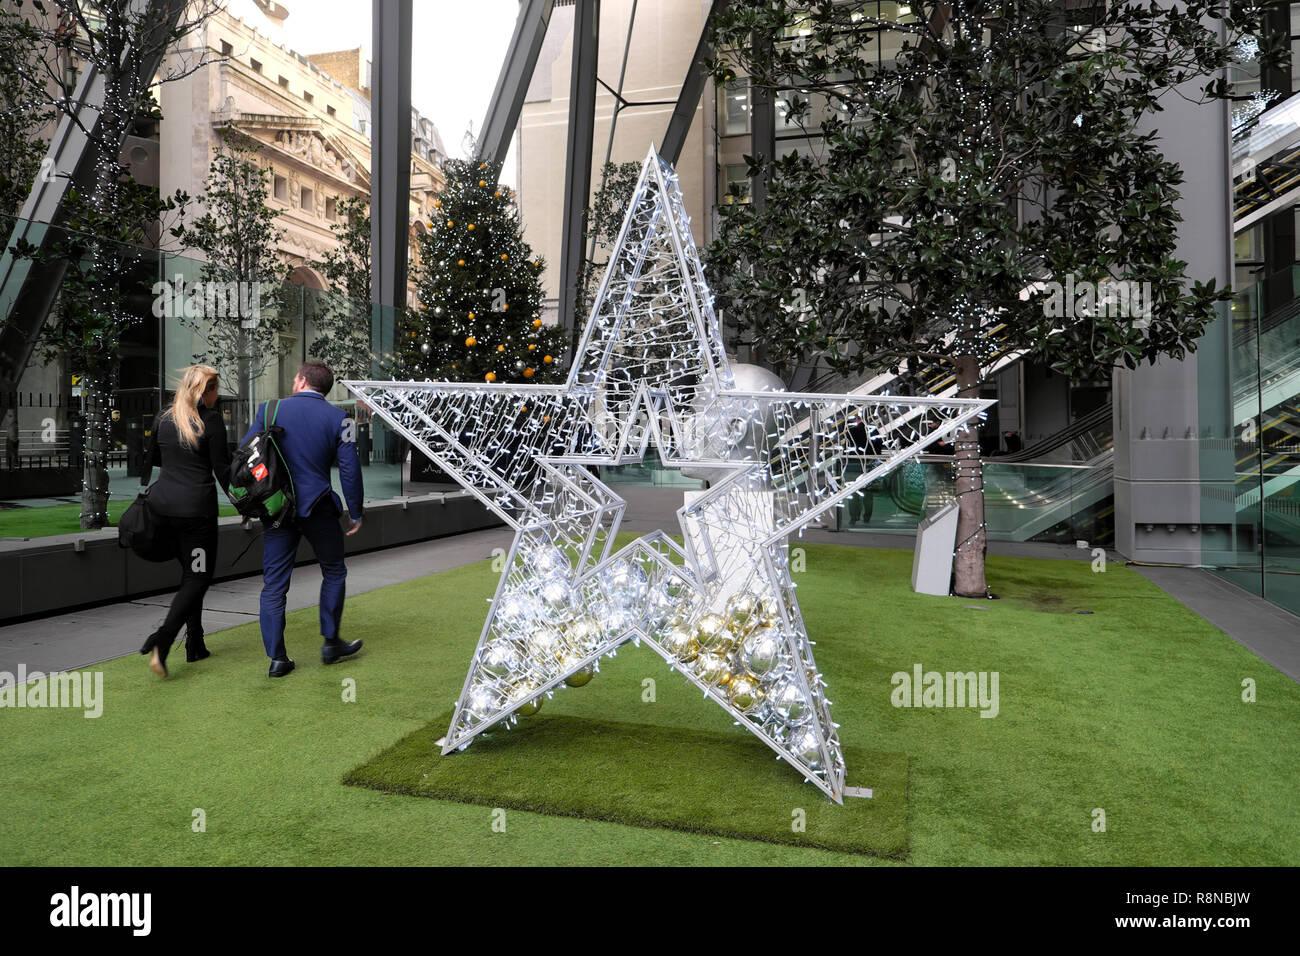 Decorazioni Natalizie Per Ufficio.Le Decorazioni Di Natale Al Di Fuori Dell Ufficio Leadenhall